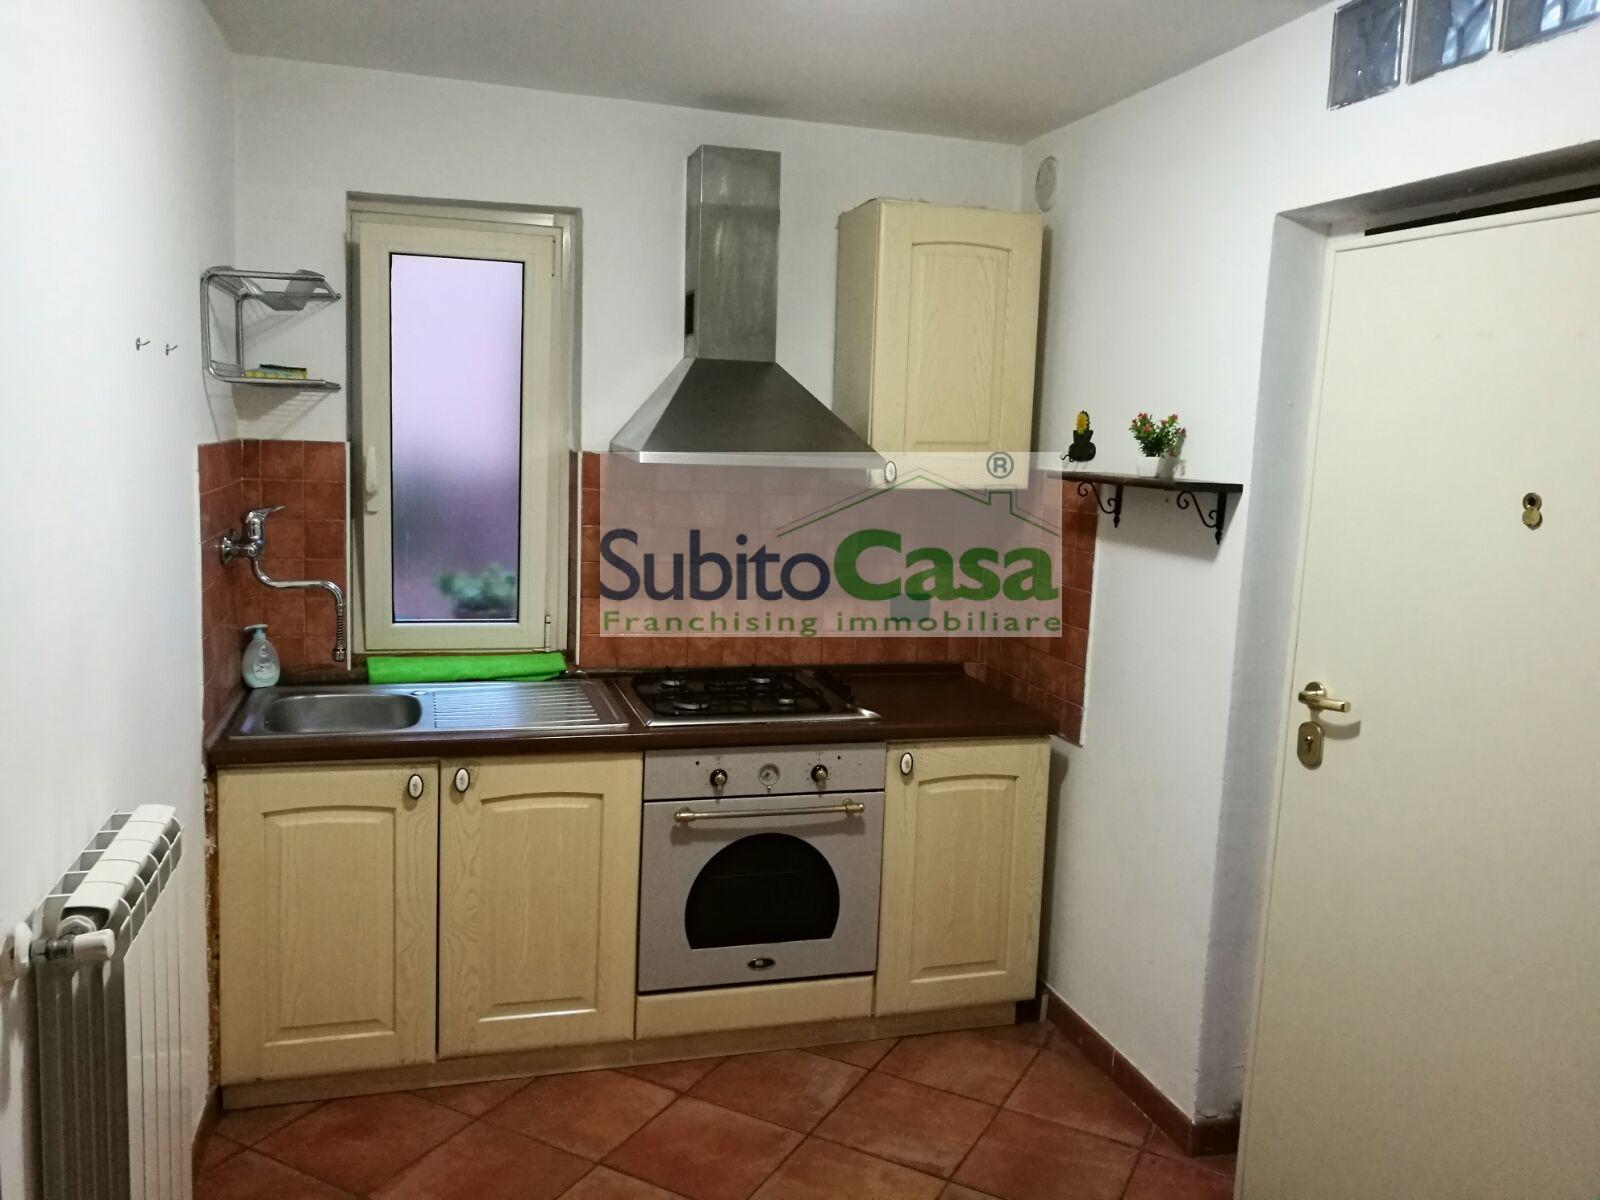 Bilocale Pescara Via Ciro Menotti 2